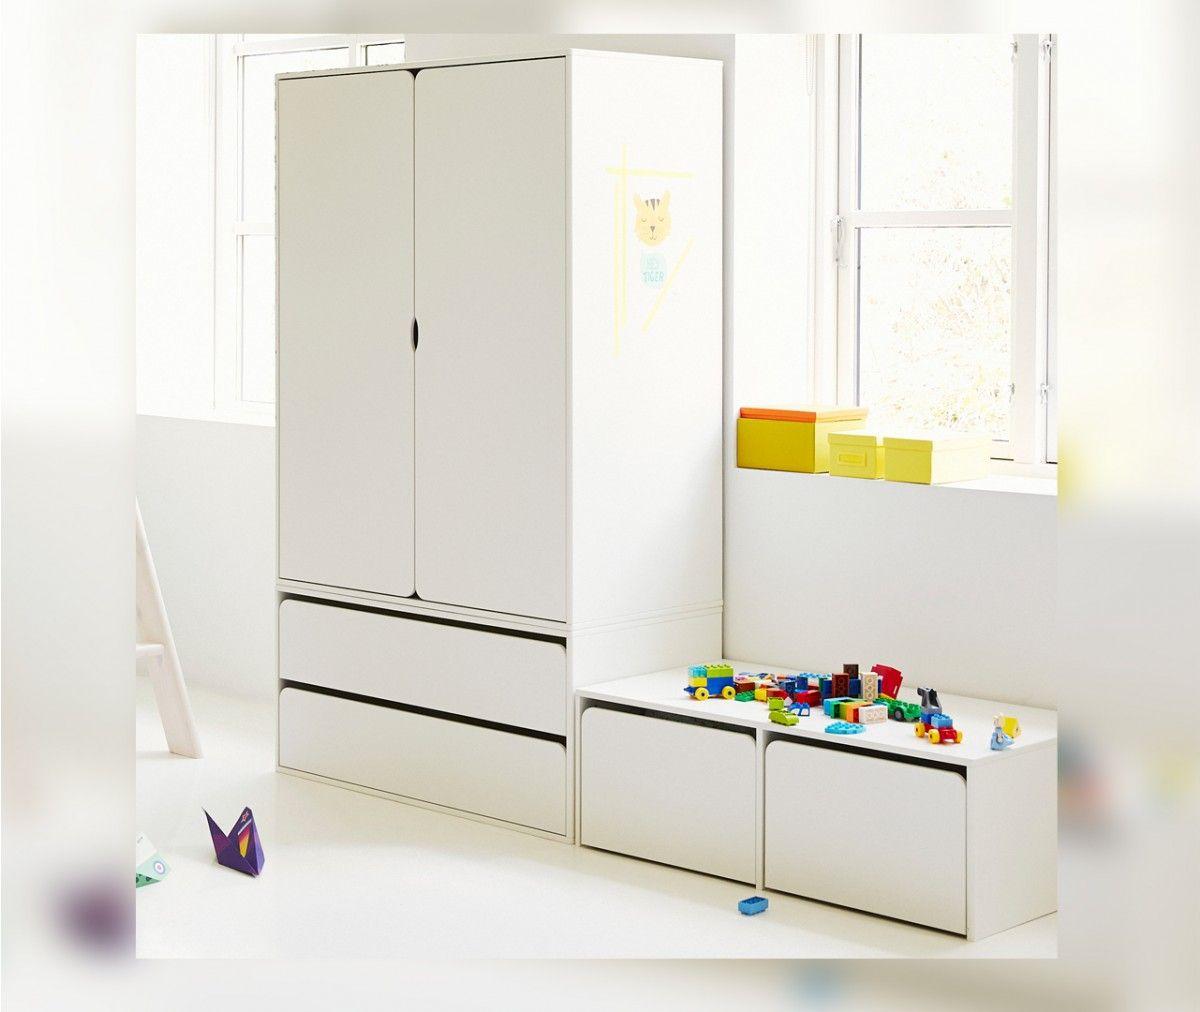 kinderzimmer online. Black Bedroom Furniture Sets. Home Design Ideas